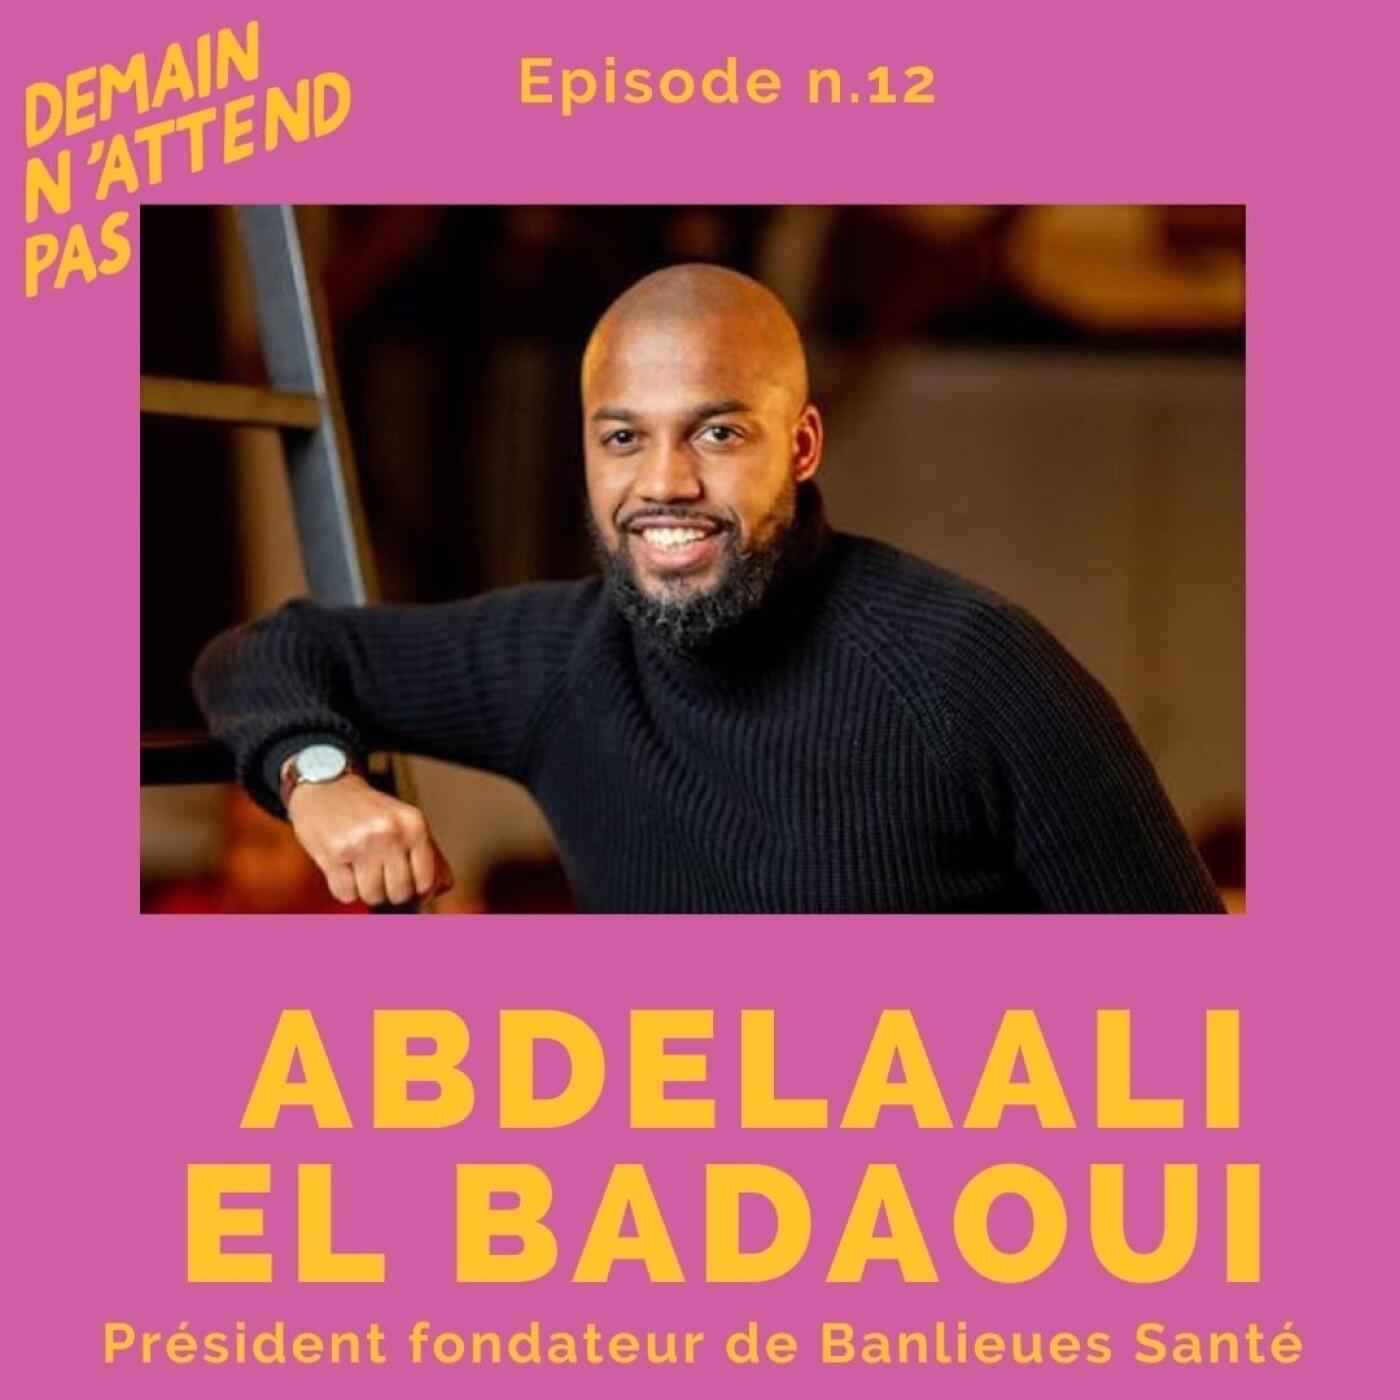 12 - Abdelaali El Badoui, fondateur de Banlieues Santé, l'association qui promeut la prévention et permet l'accès aux soins pour tous